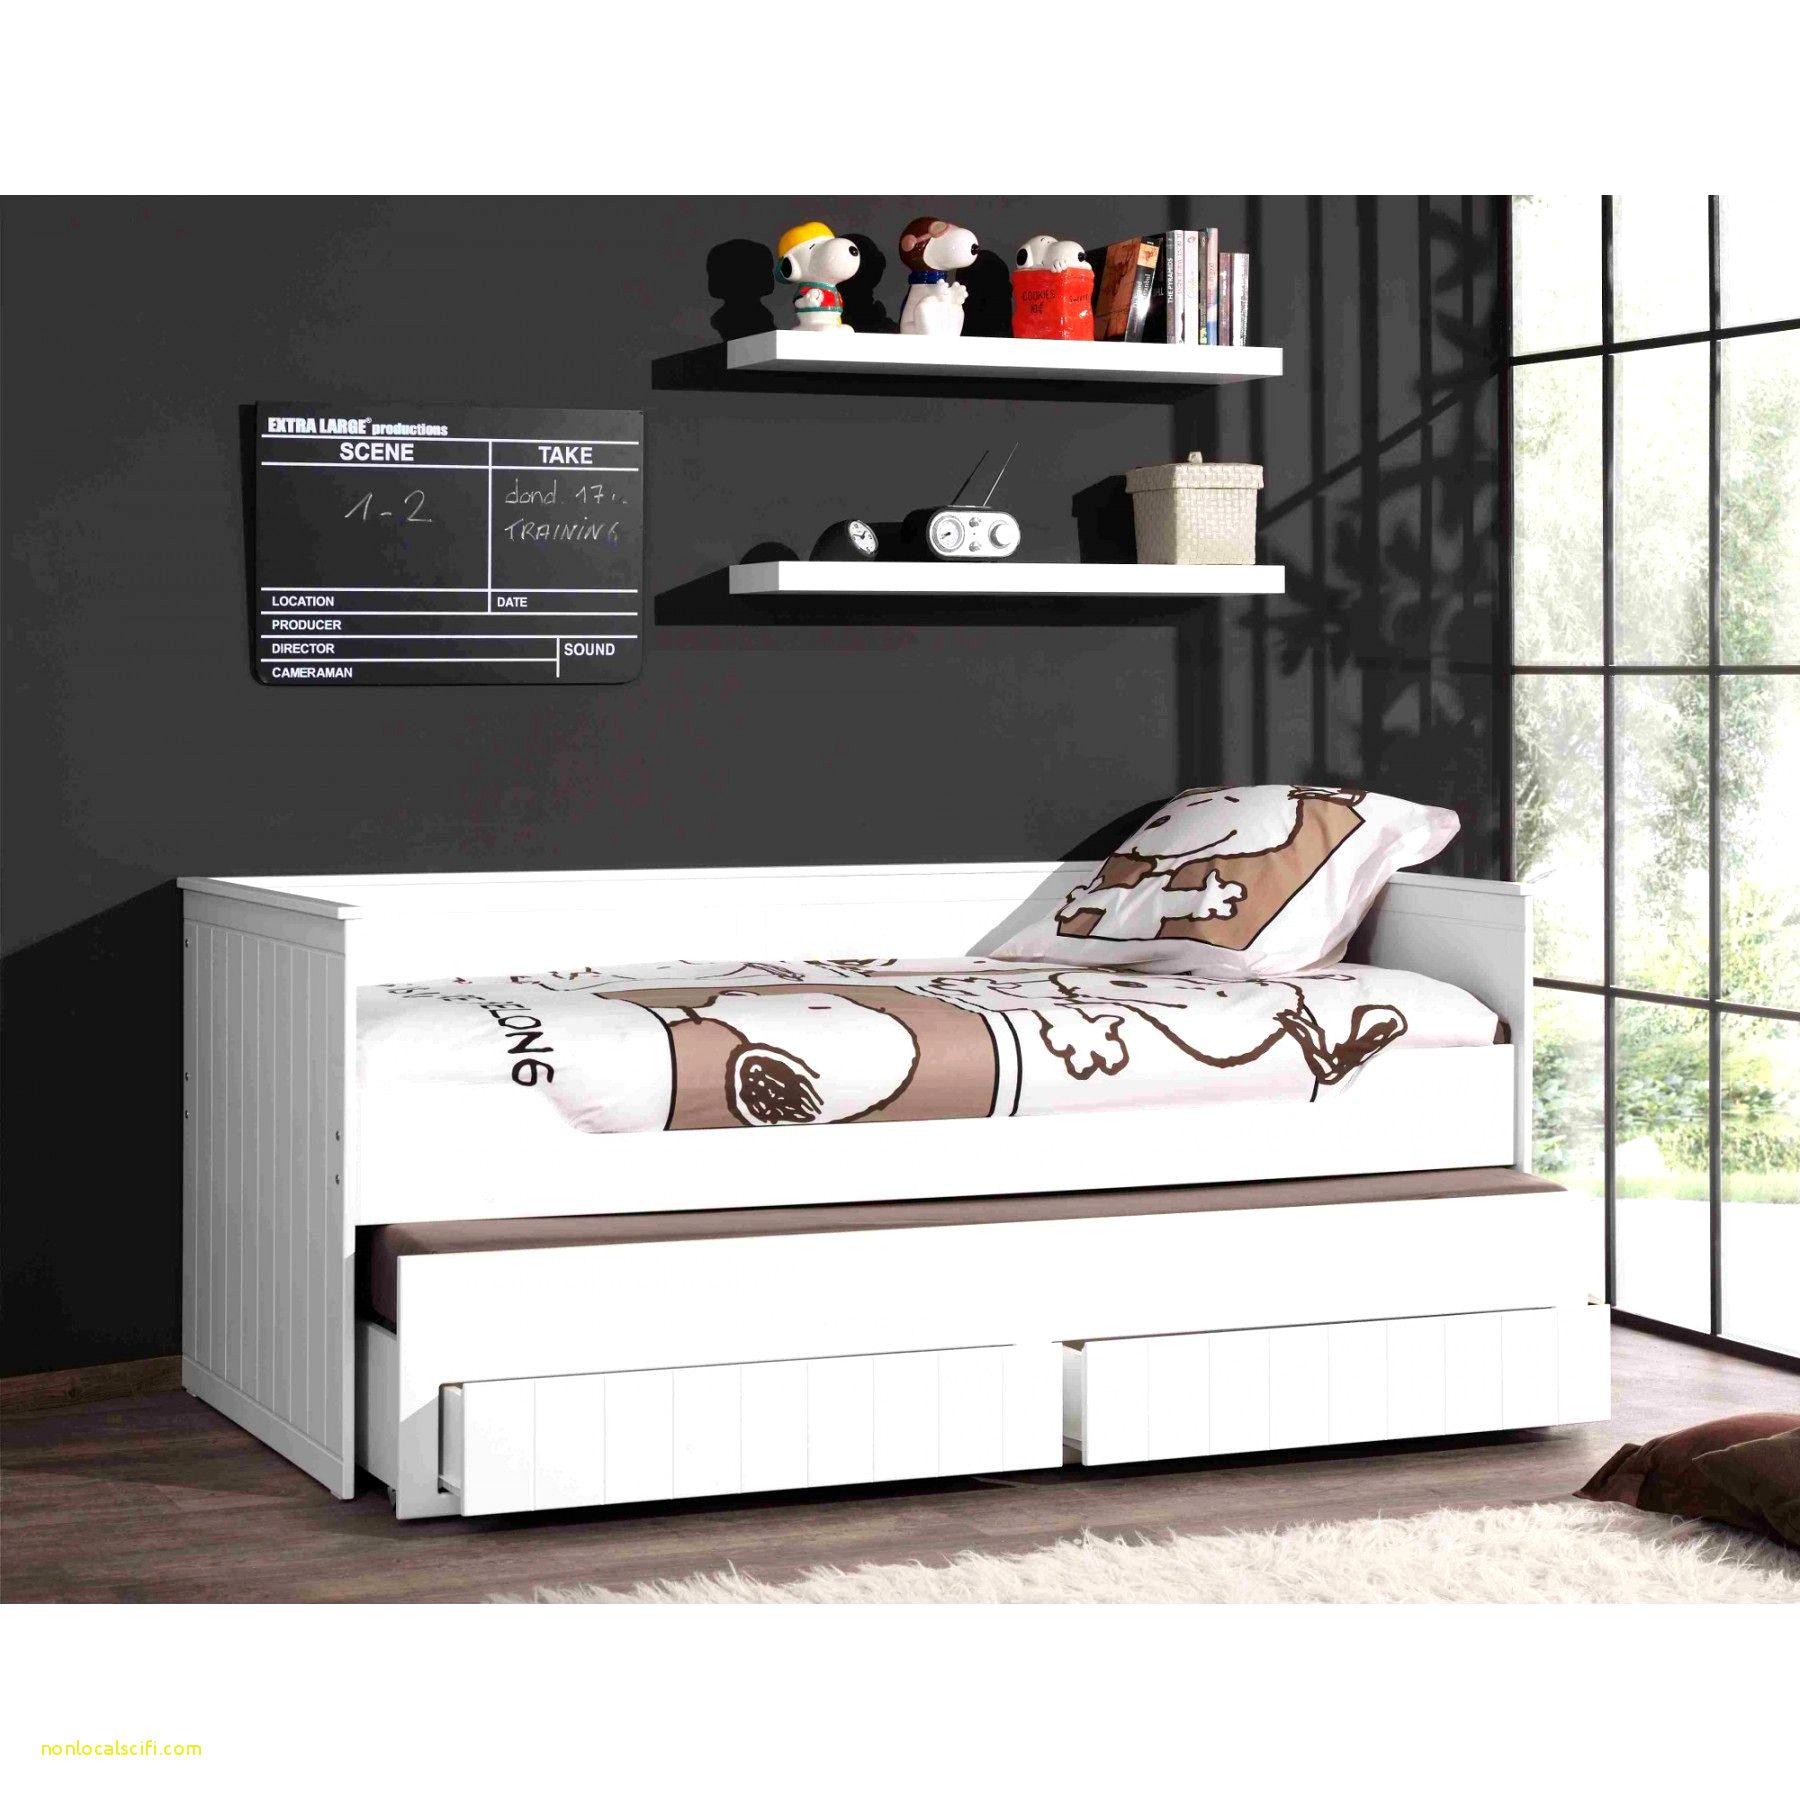 Tete De Lit Design Luxe Inspiré Résultat Supérieur Acheter Un Lit Incroyable Tete De Lit Simple Luxe